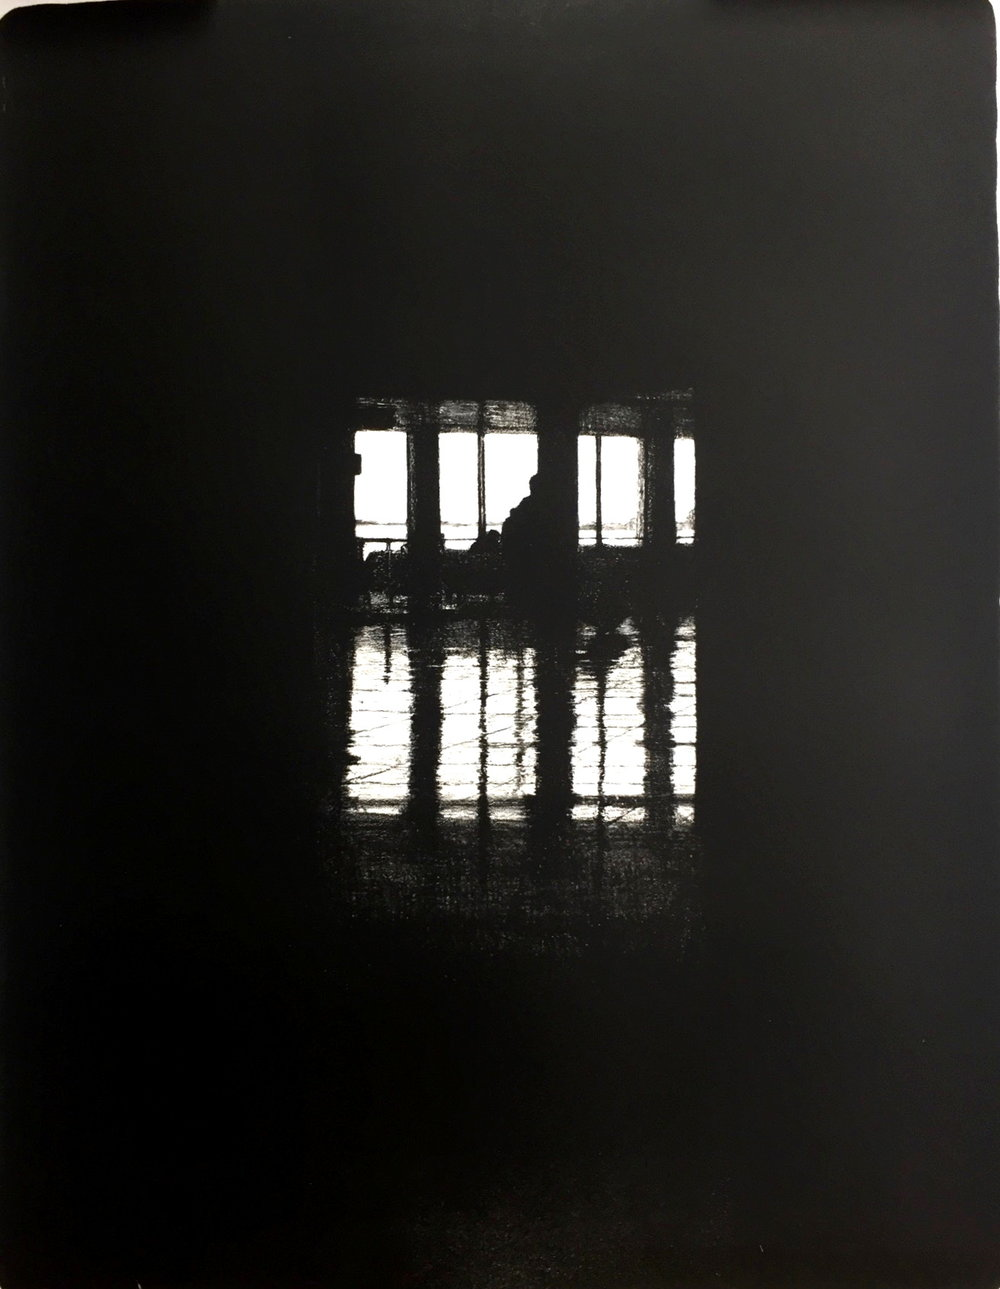 Departures I (JFK), 2016, lithograph, 55cm x 75cm, Ed. 15